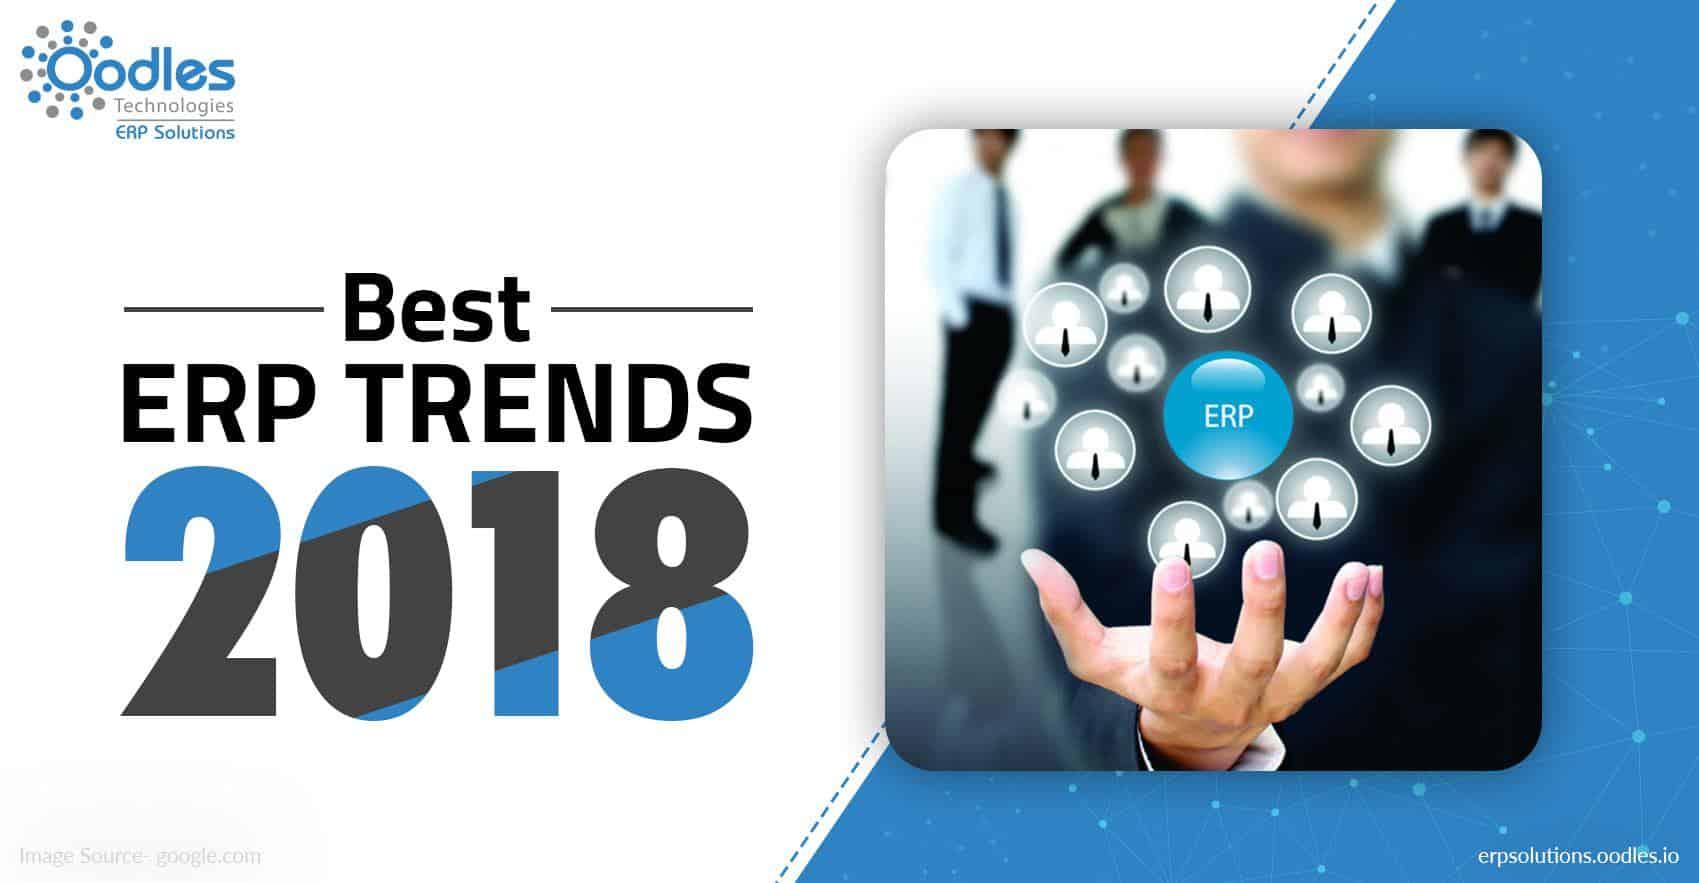 Best ERP Trends 2018